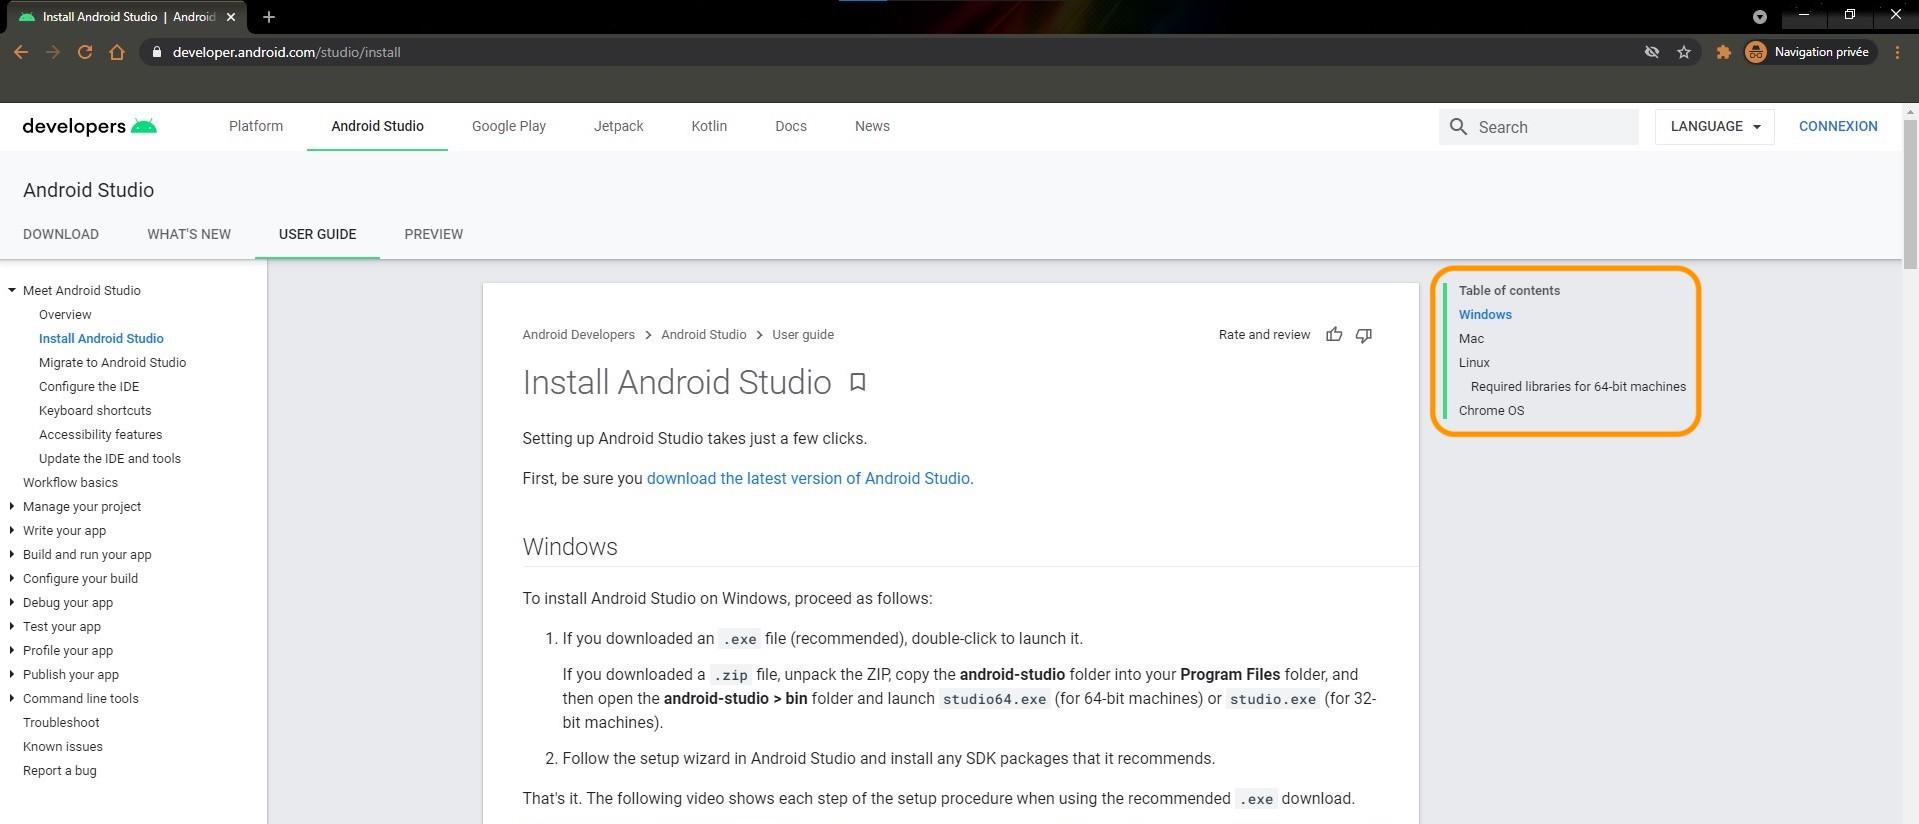 Accédez à la documentation d'Android Studio en haut à droite de votre écran